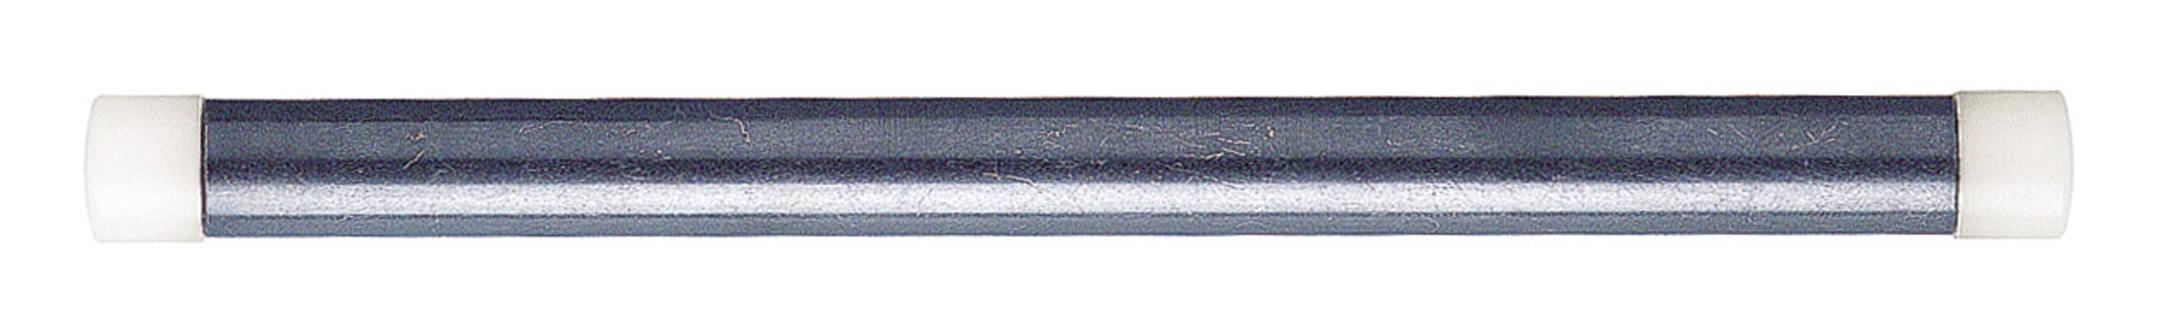 Halder Durchschläger 10mm - 3408.010